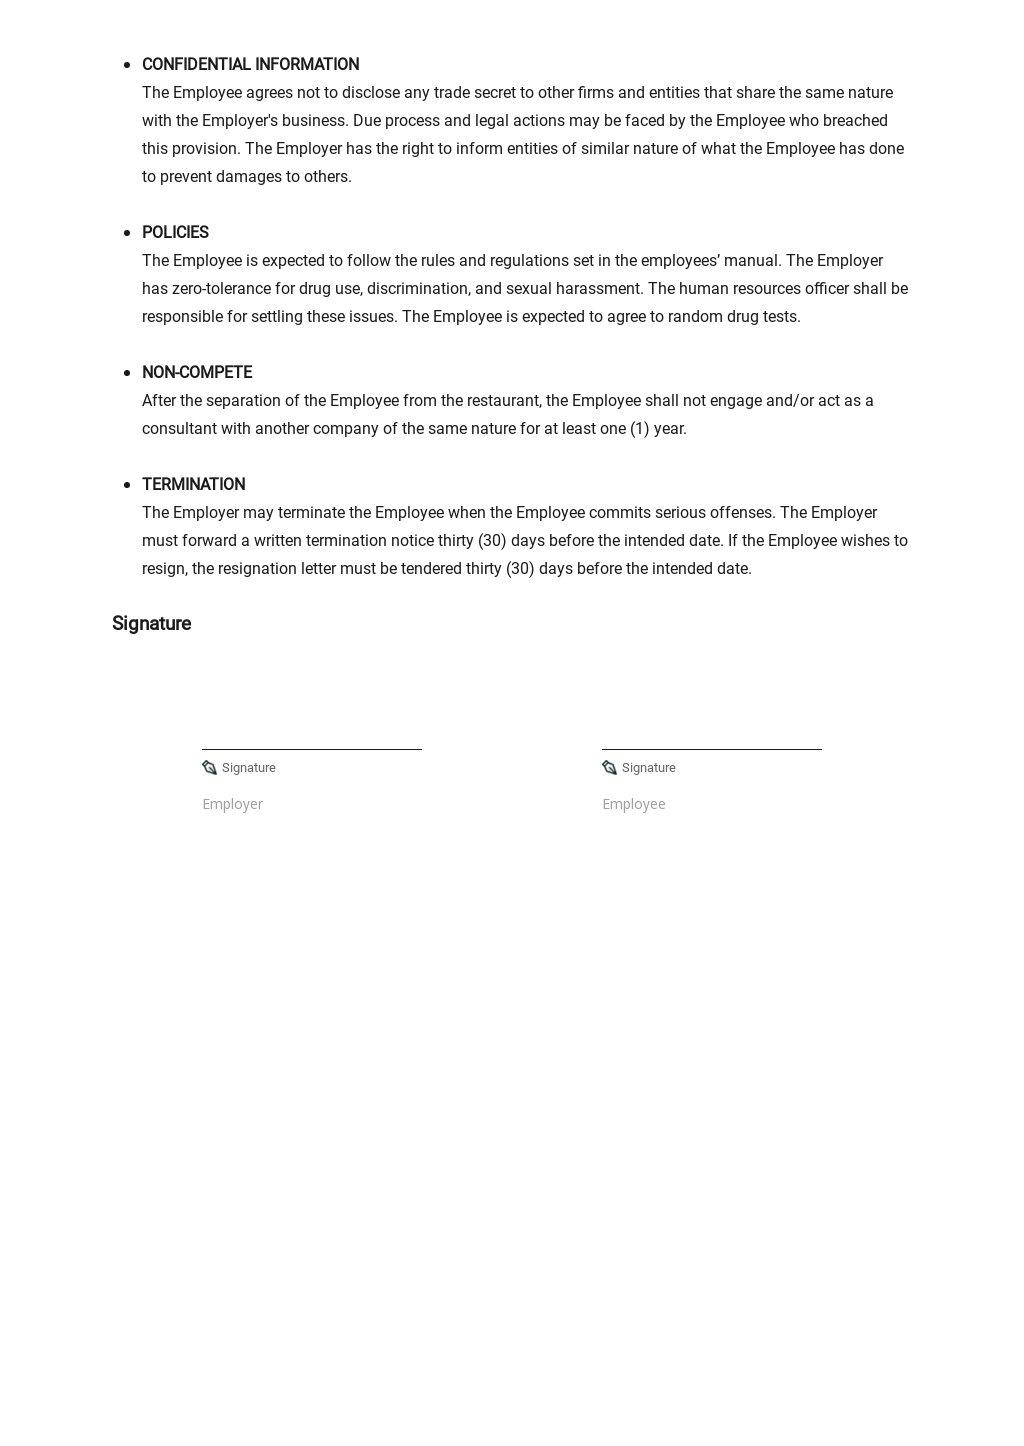 Restaurant Employment Agreement Template 2.jpe